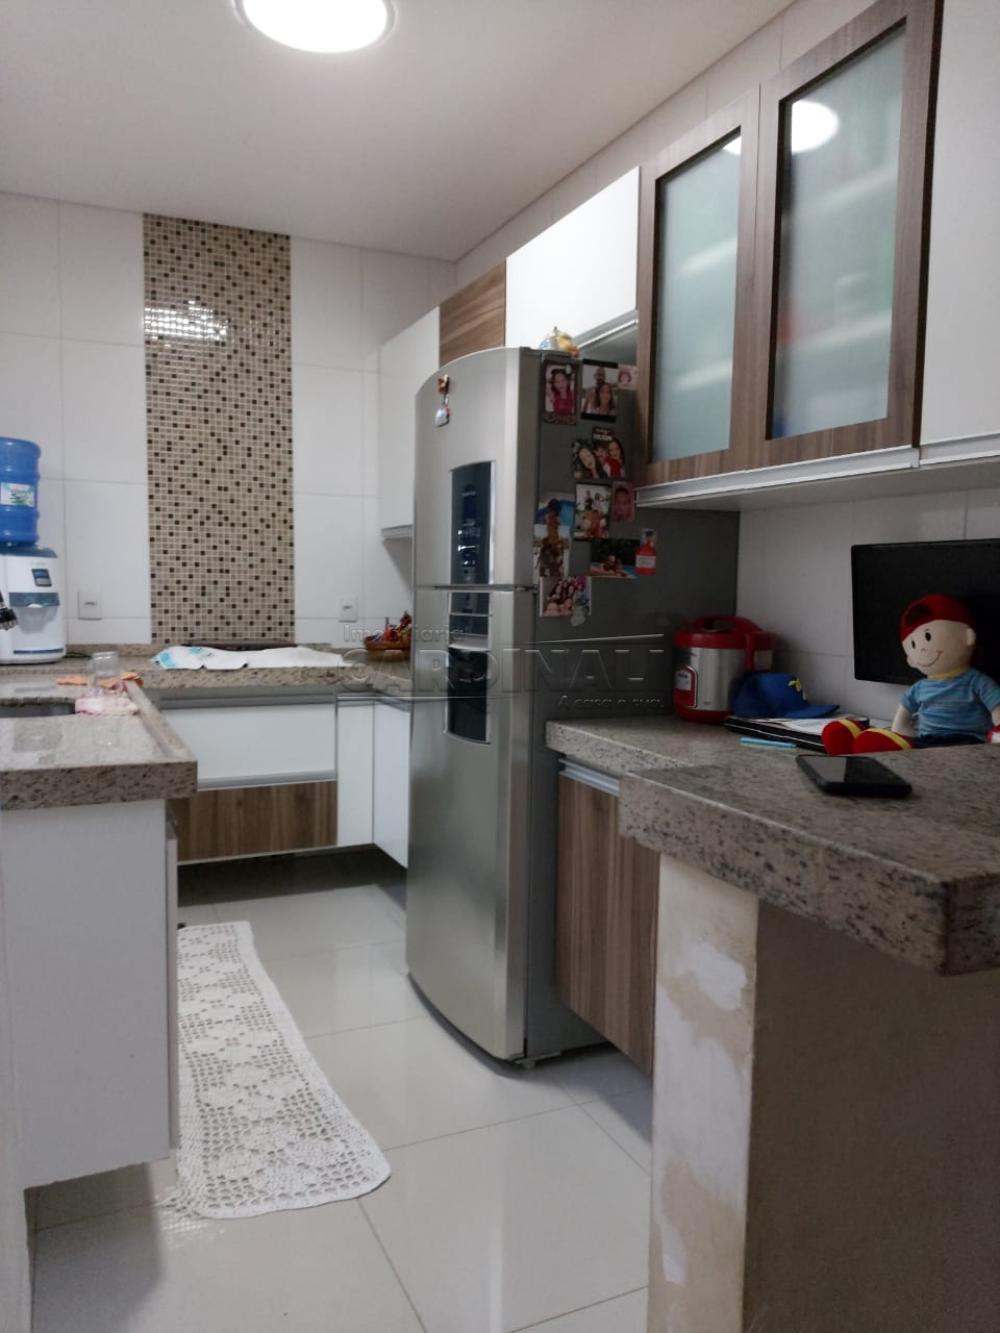 Comprar Casa / Padrão em São Carlos R$ 636.000,00 - Foto 6